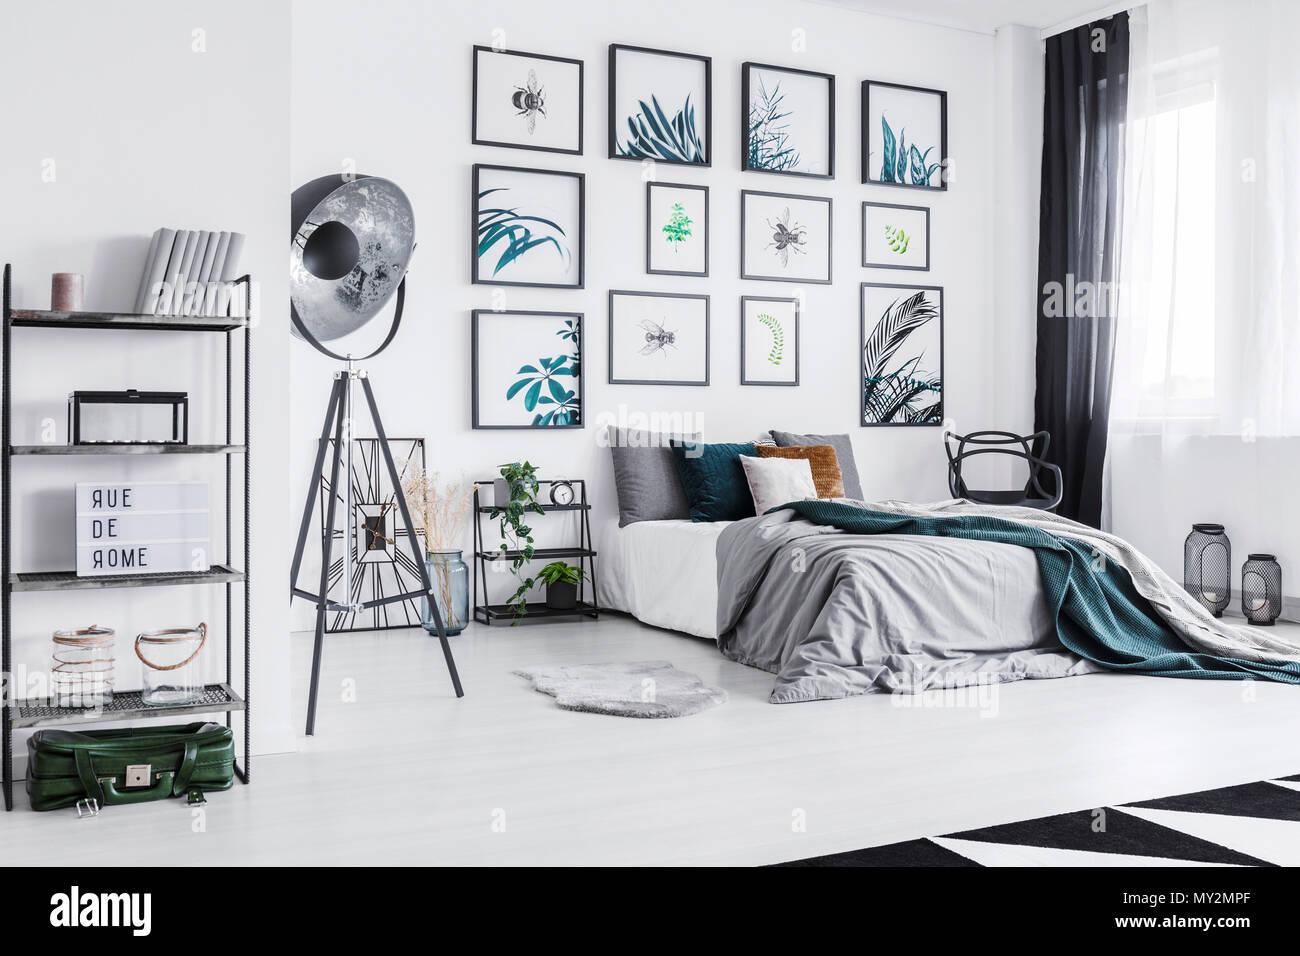 Real Photo Eines Gemutlichen Bett Neben Einem Schwarzen Lampe In